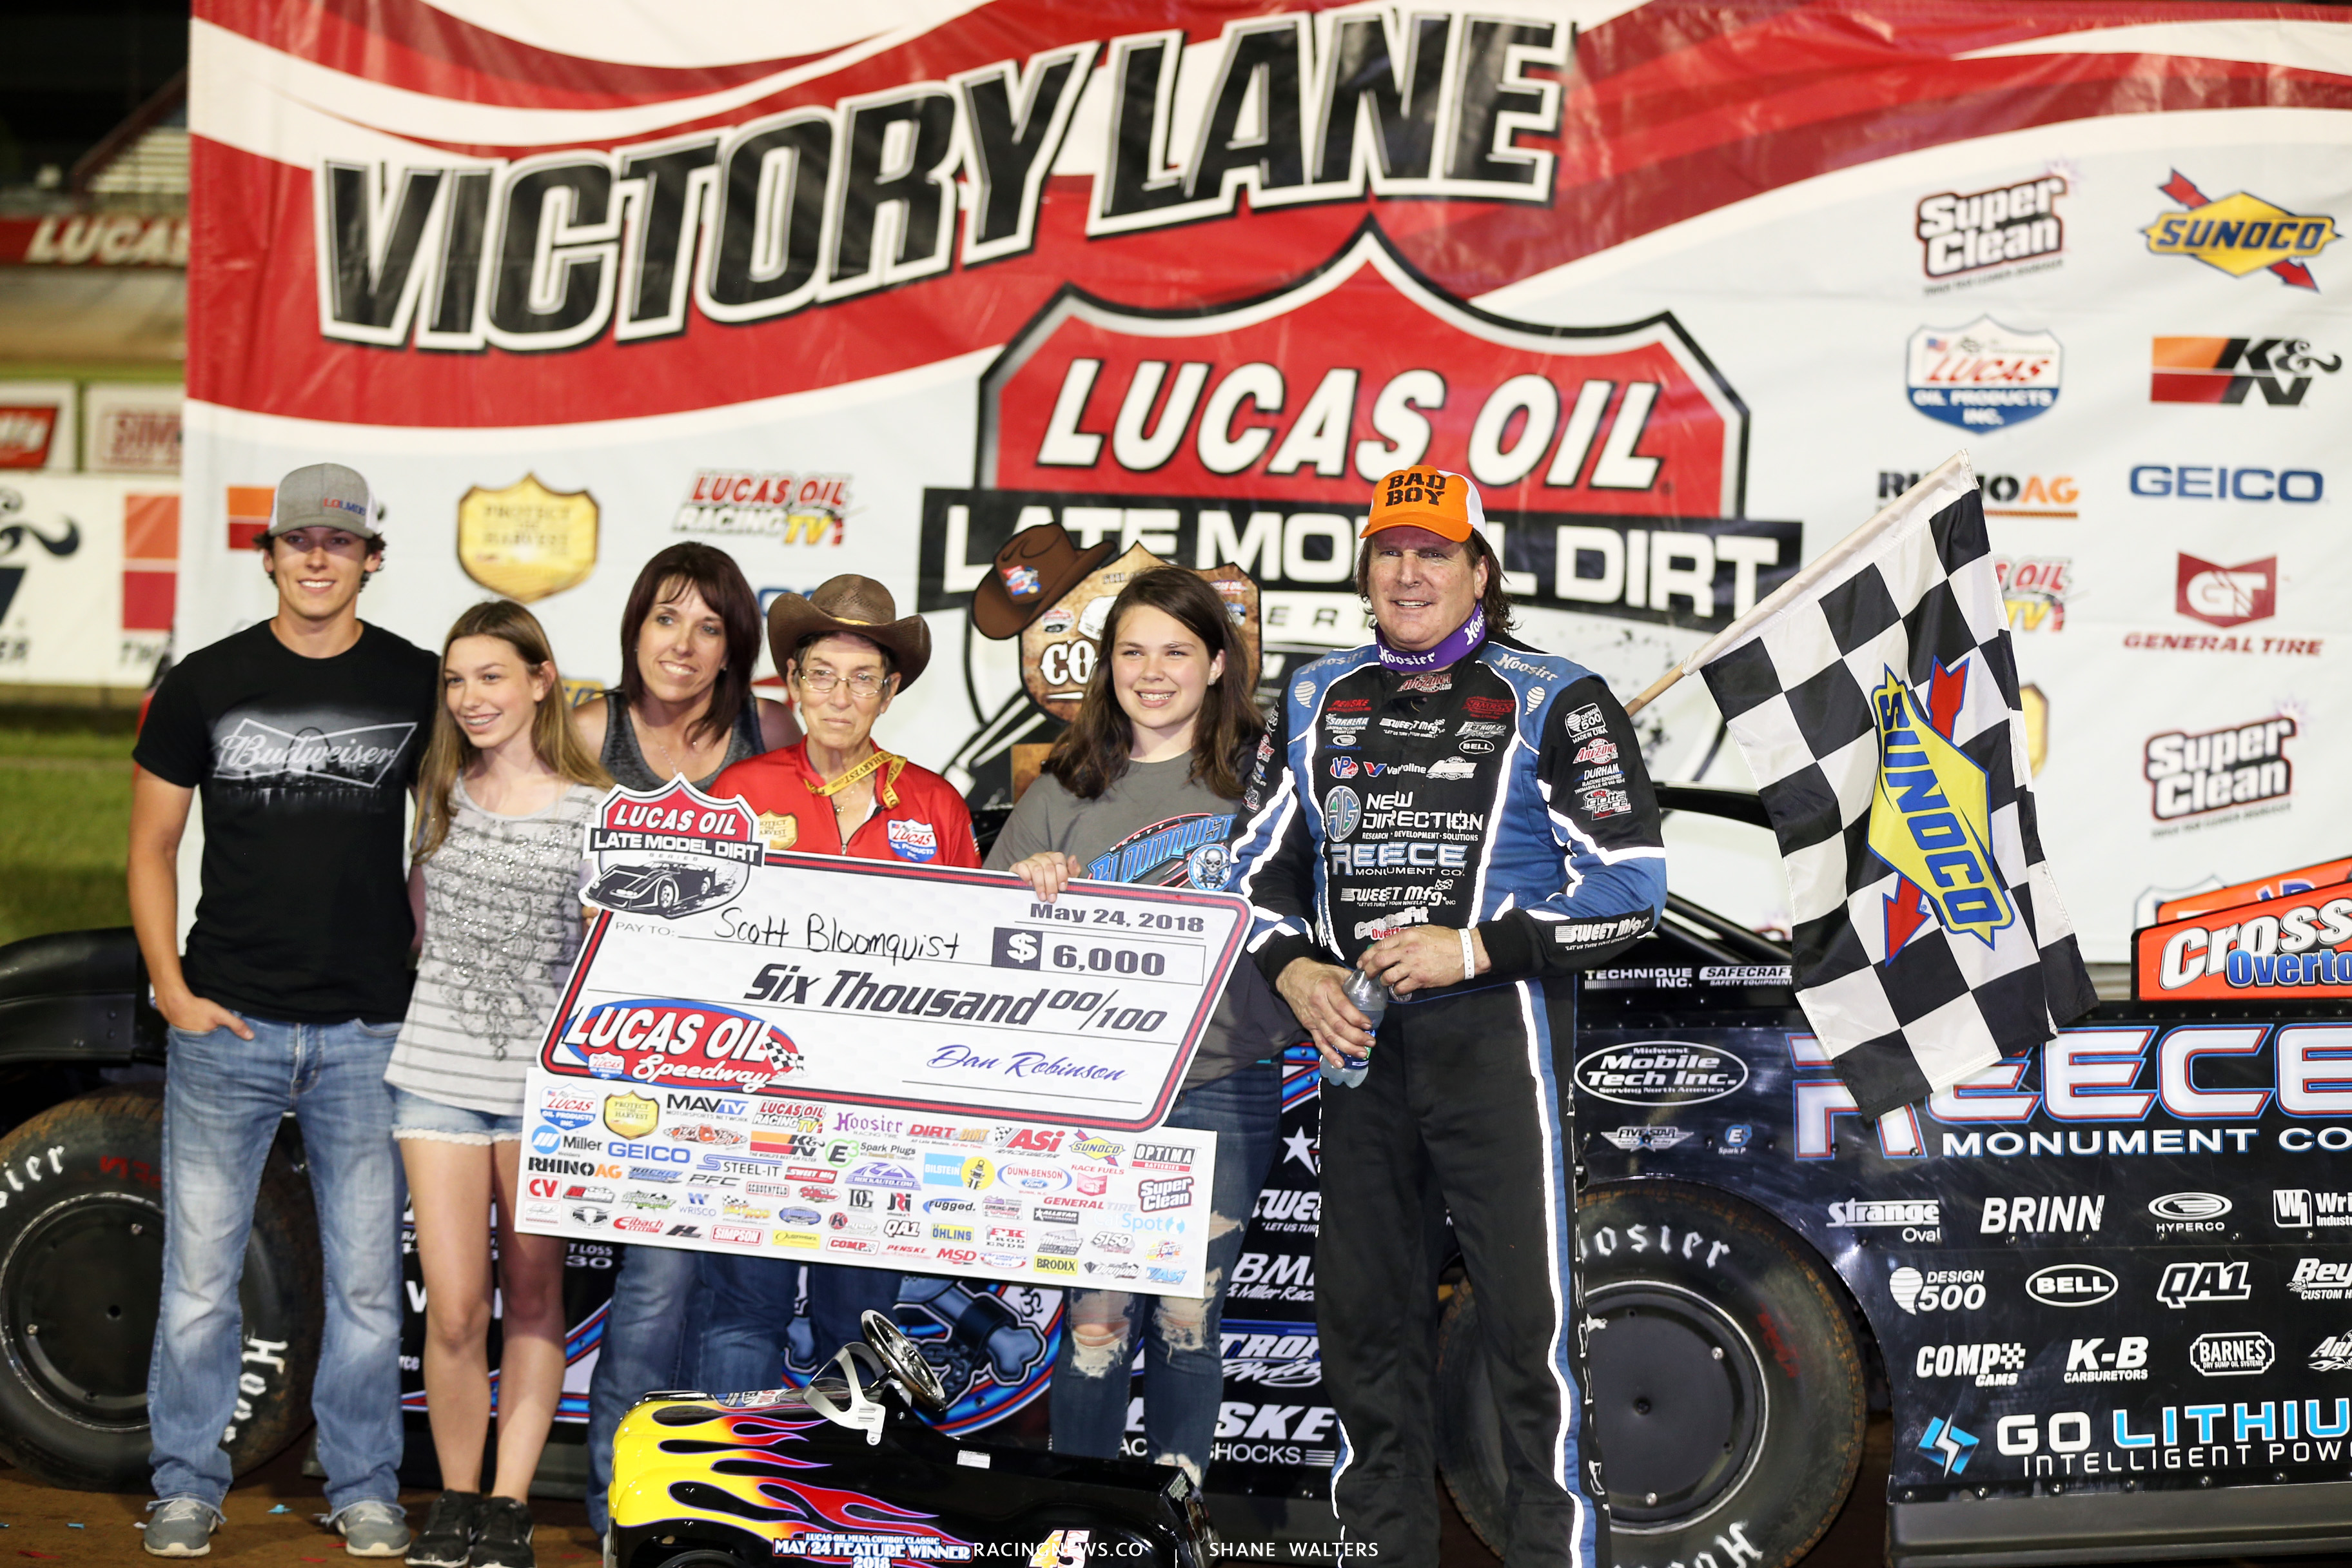 Scott Bloomquist and his daughter Ariel Bloomquist in victory lane 7956